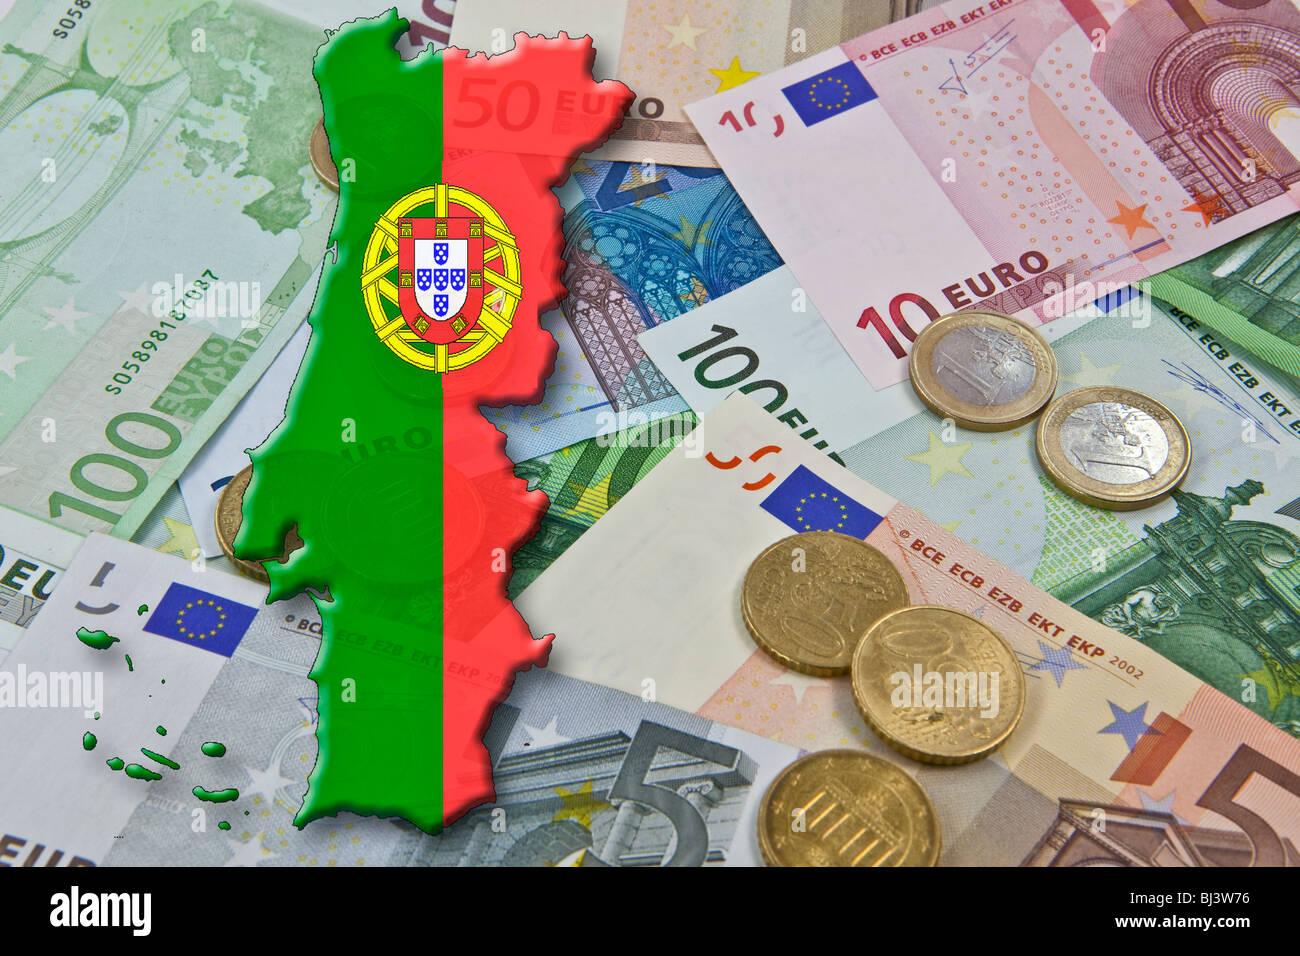 """Le Portugal, l'euro et pacte de stabilité de l'euro, le Portugal comme un """"déficit d'euros pécheur' Banque D'Images"""